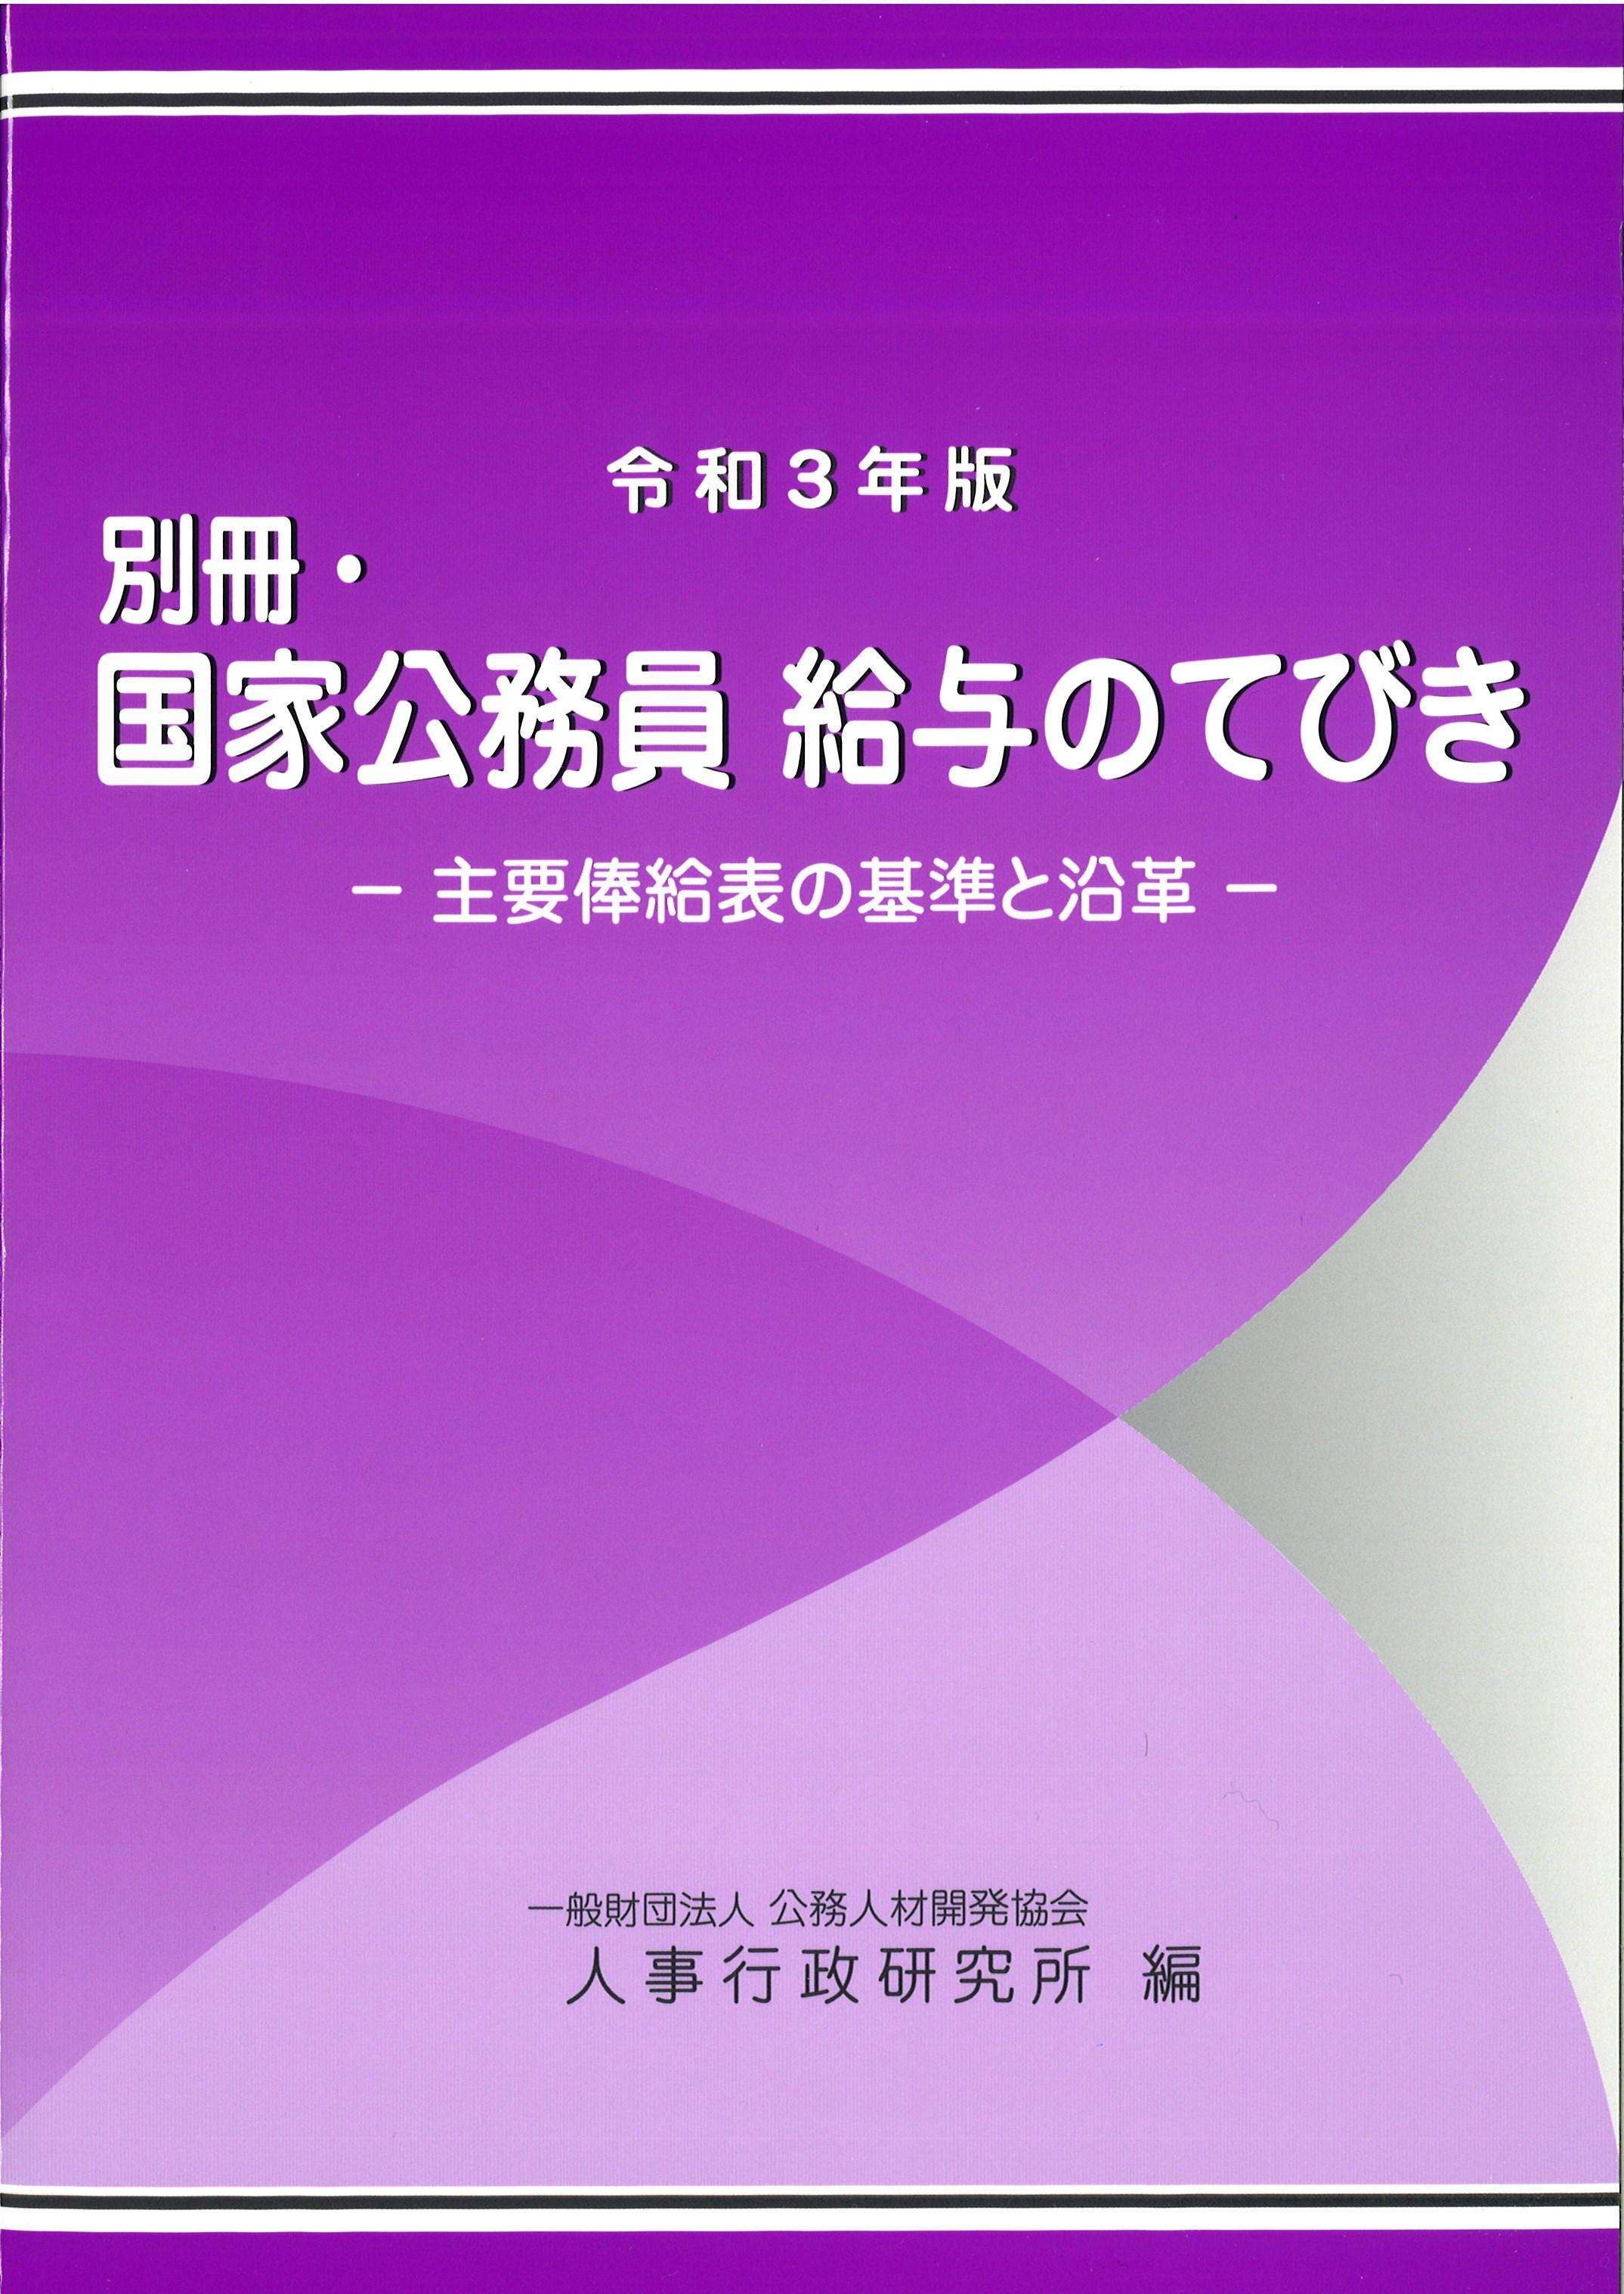 令和3年版 別冊・国家公務員 給与のてびき -主要俸給表と基準の沿革-